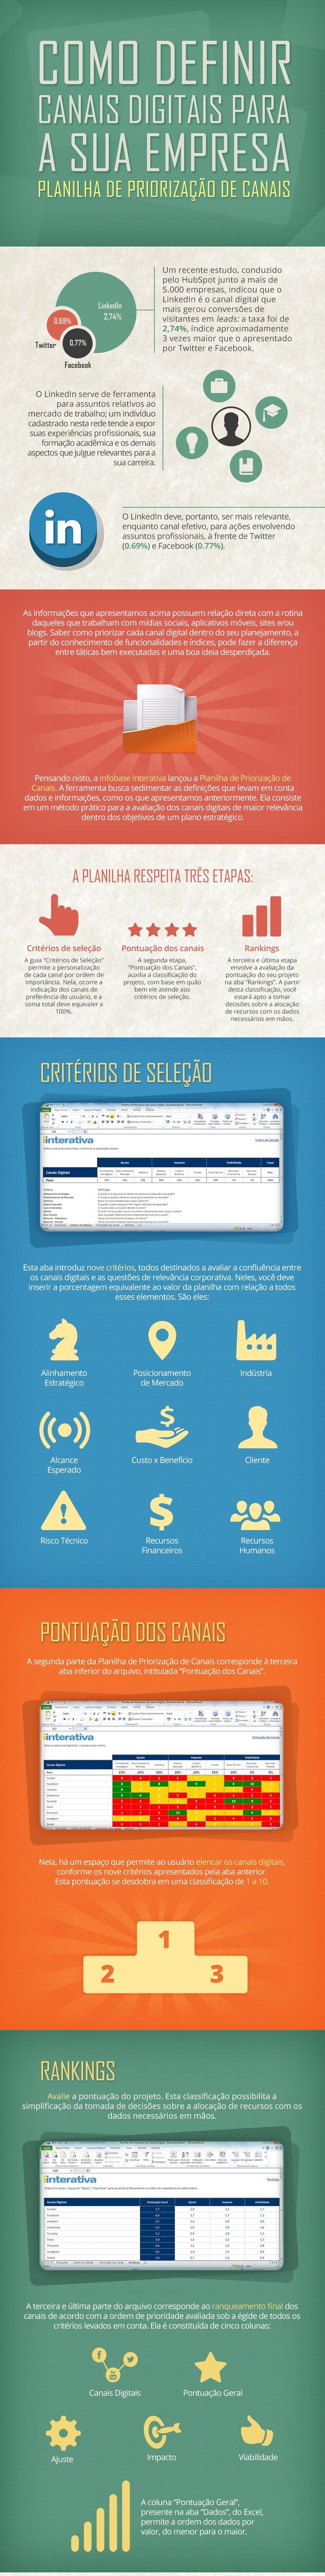 Infográfico: qual é a melhor plataforma digital para sua empresa Estudo mostra fatores importantes que precisam ser levados em consideração ...